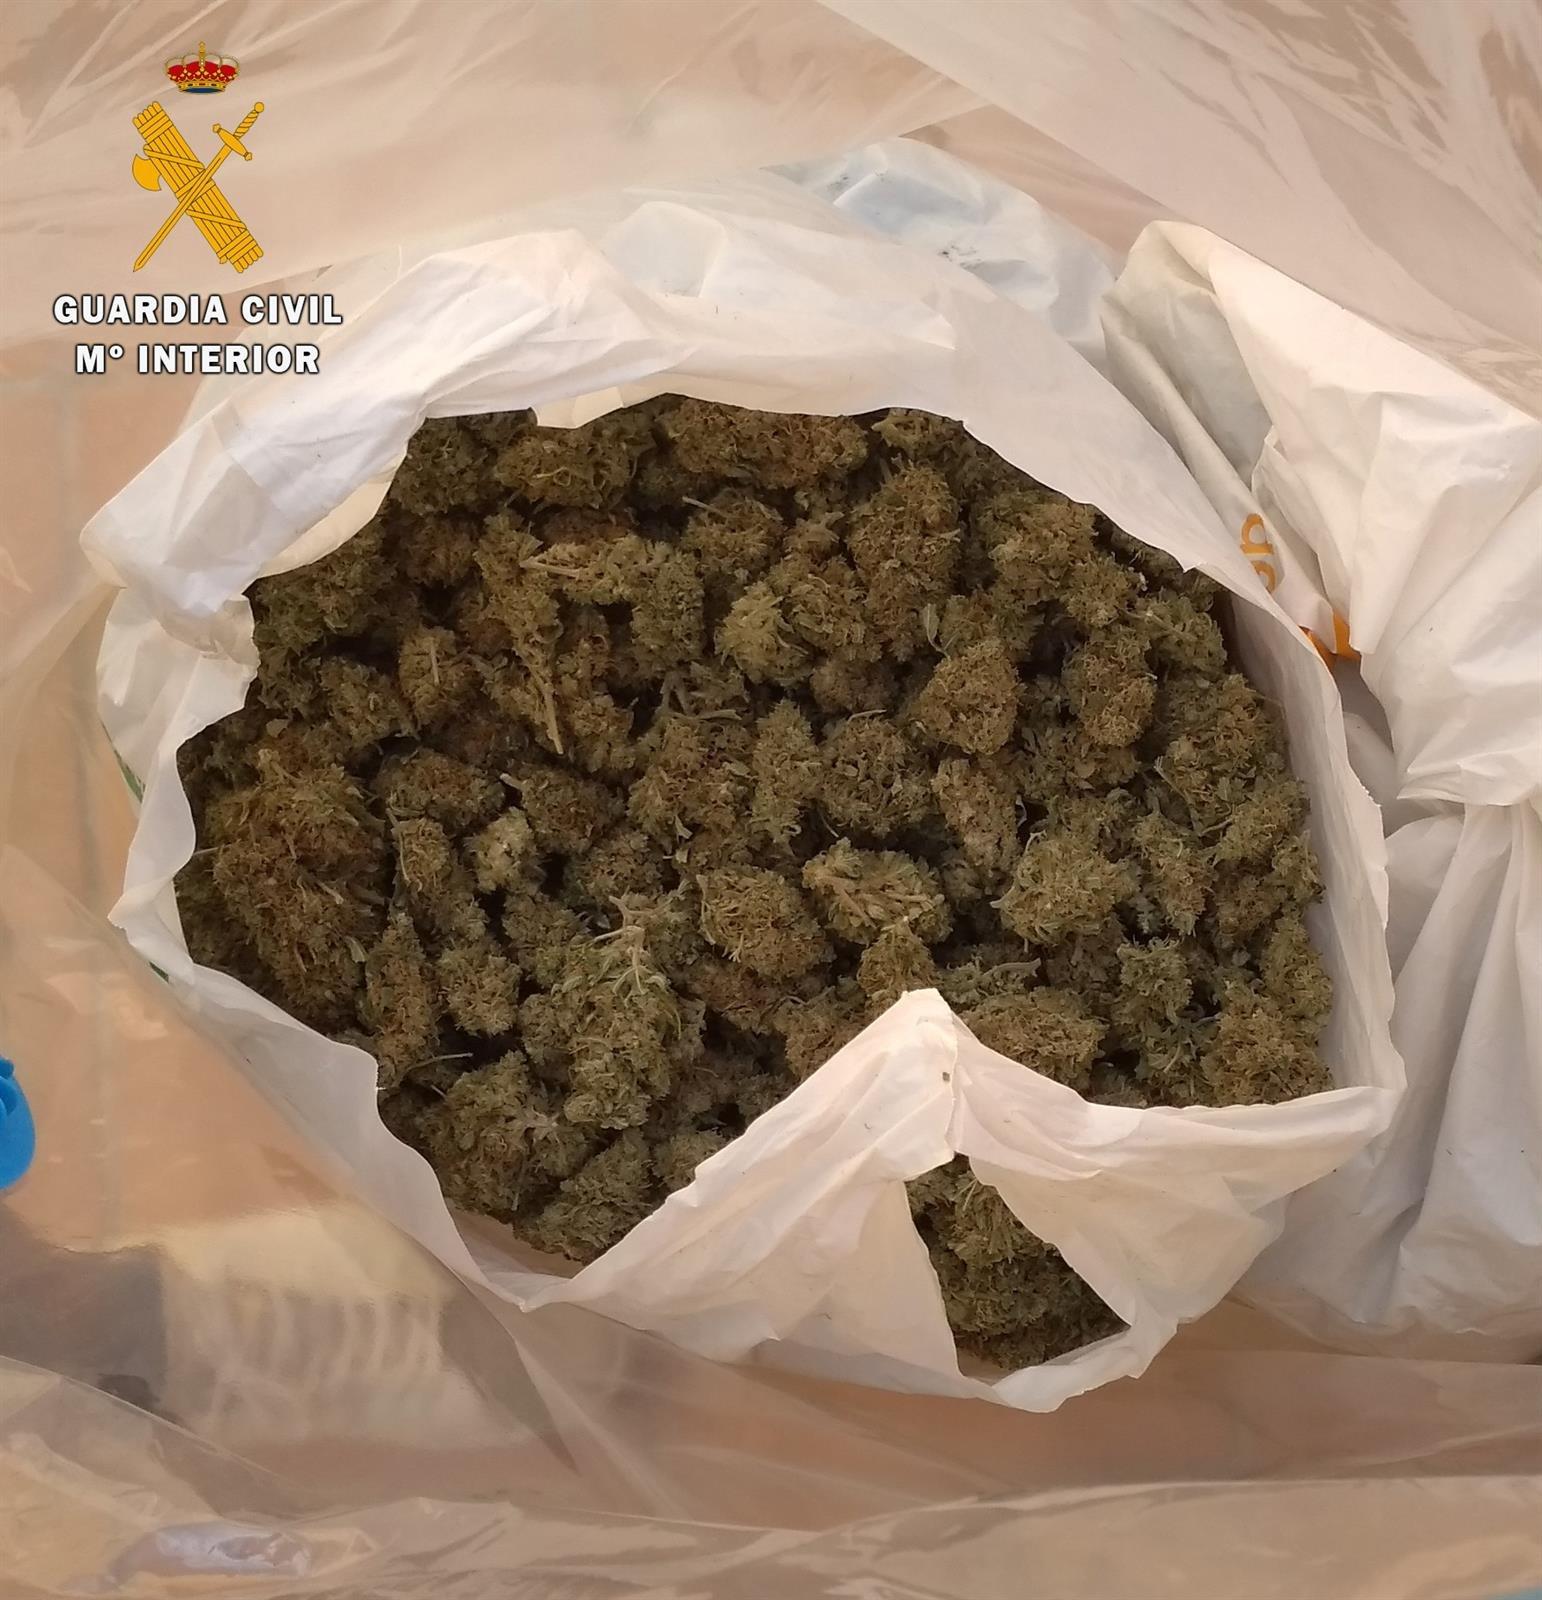 Siete detenidos tras un «vuelco» frustrado de marihuana en Albolote